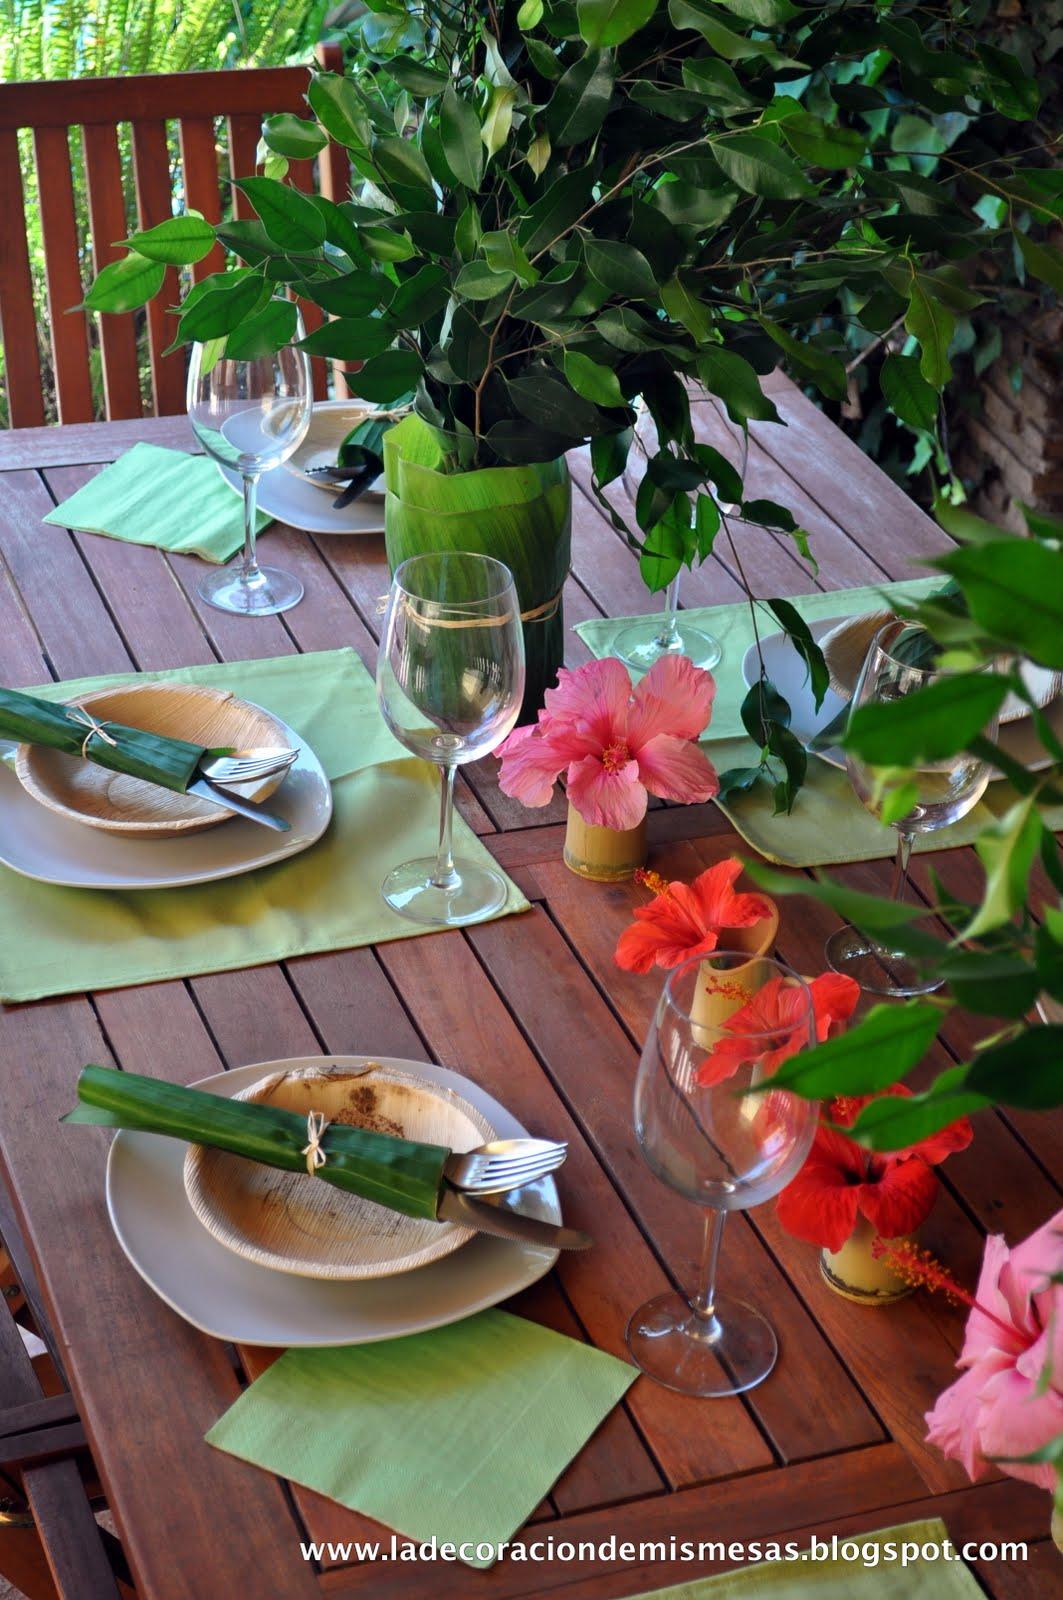 Decorar la mesa en verano - Mesas de verano ...